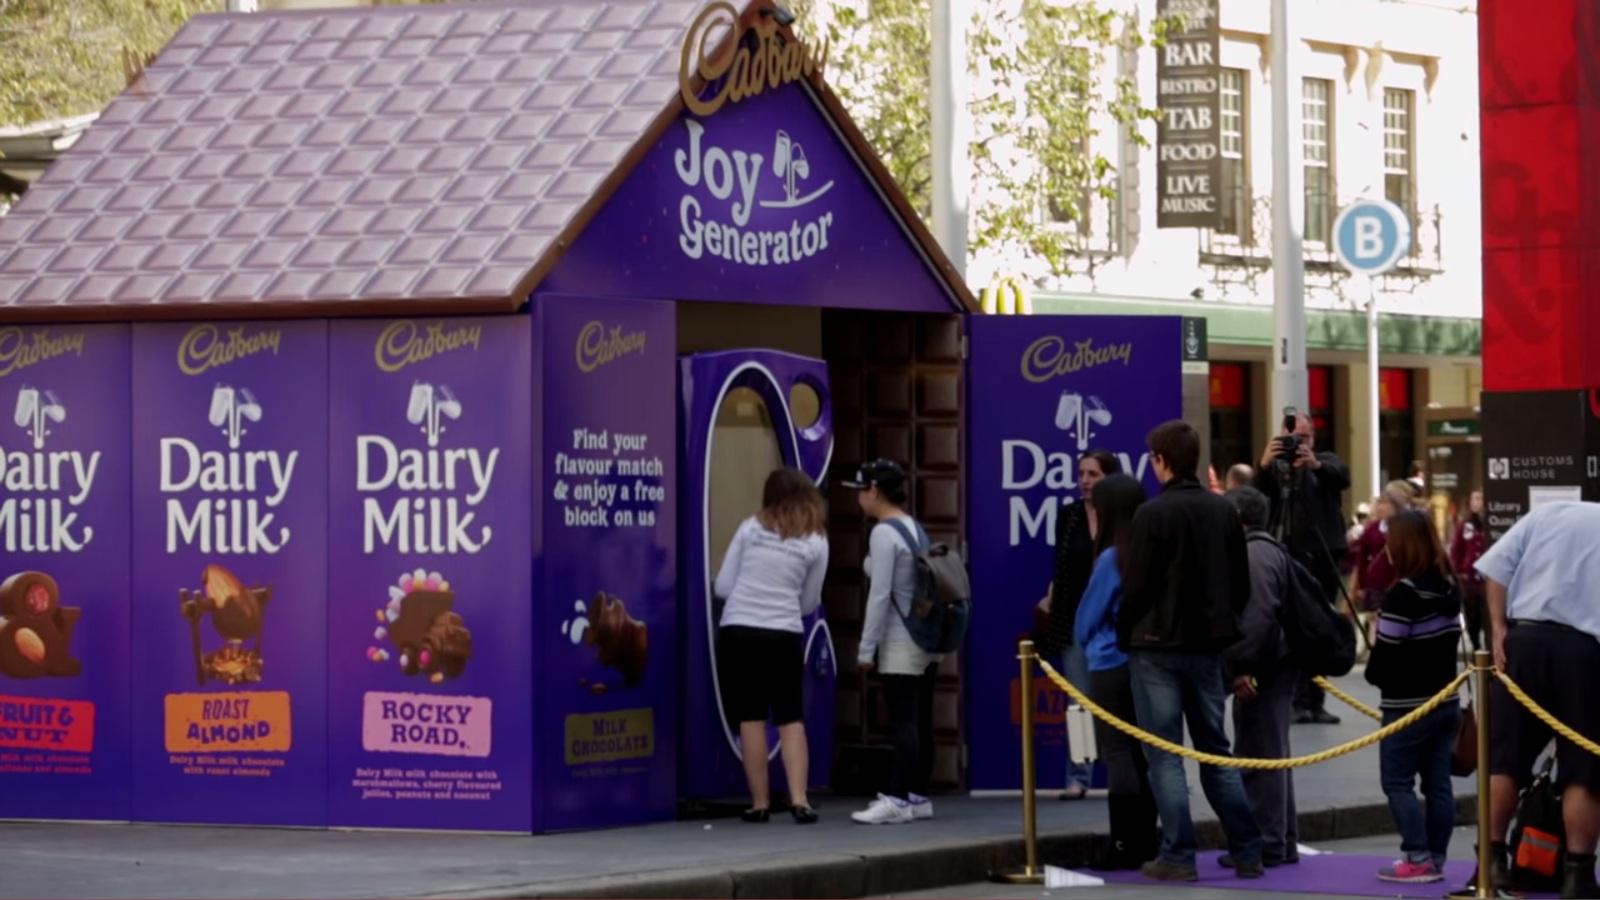 [吉百利街頭神奇糖果屋] 手指滑幾下便知什麼口味的巧克力最對你胃!?難道是…